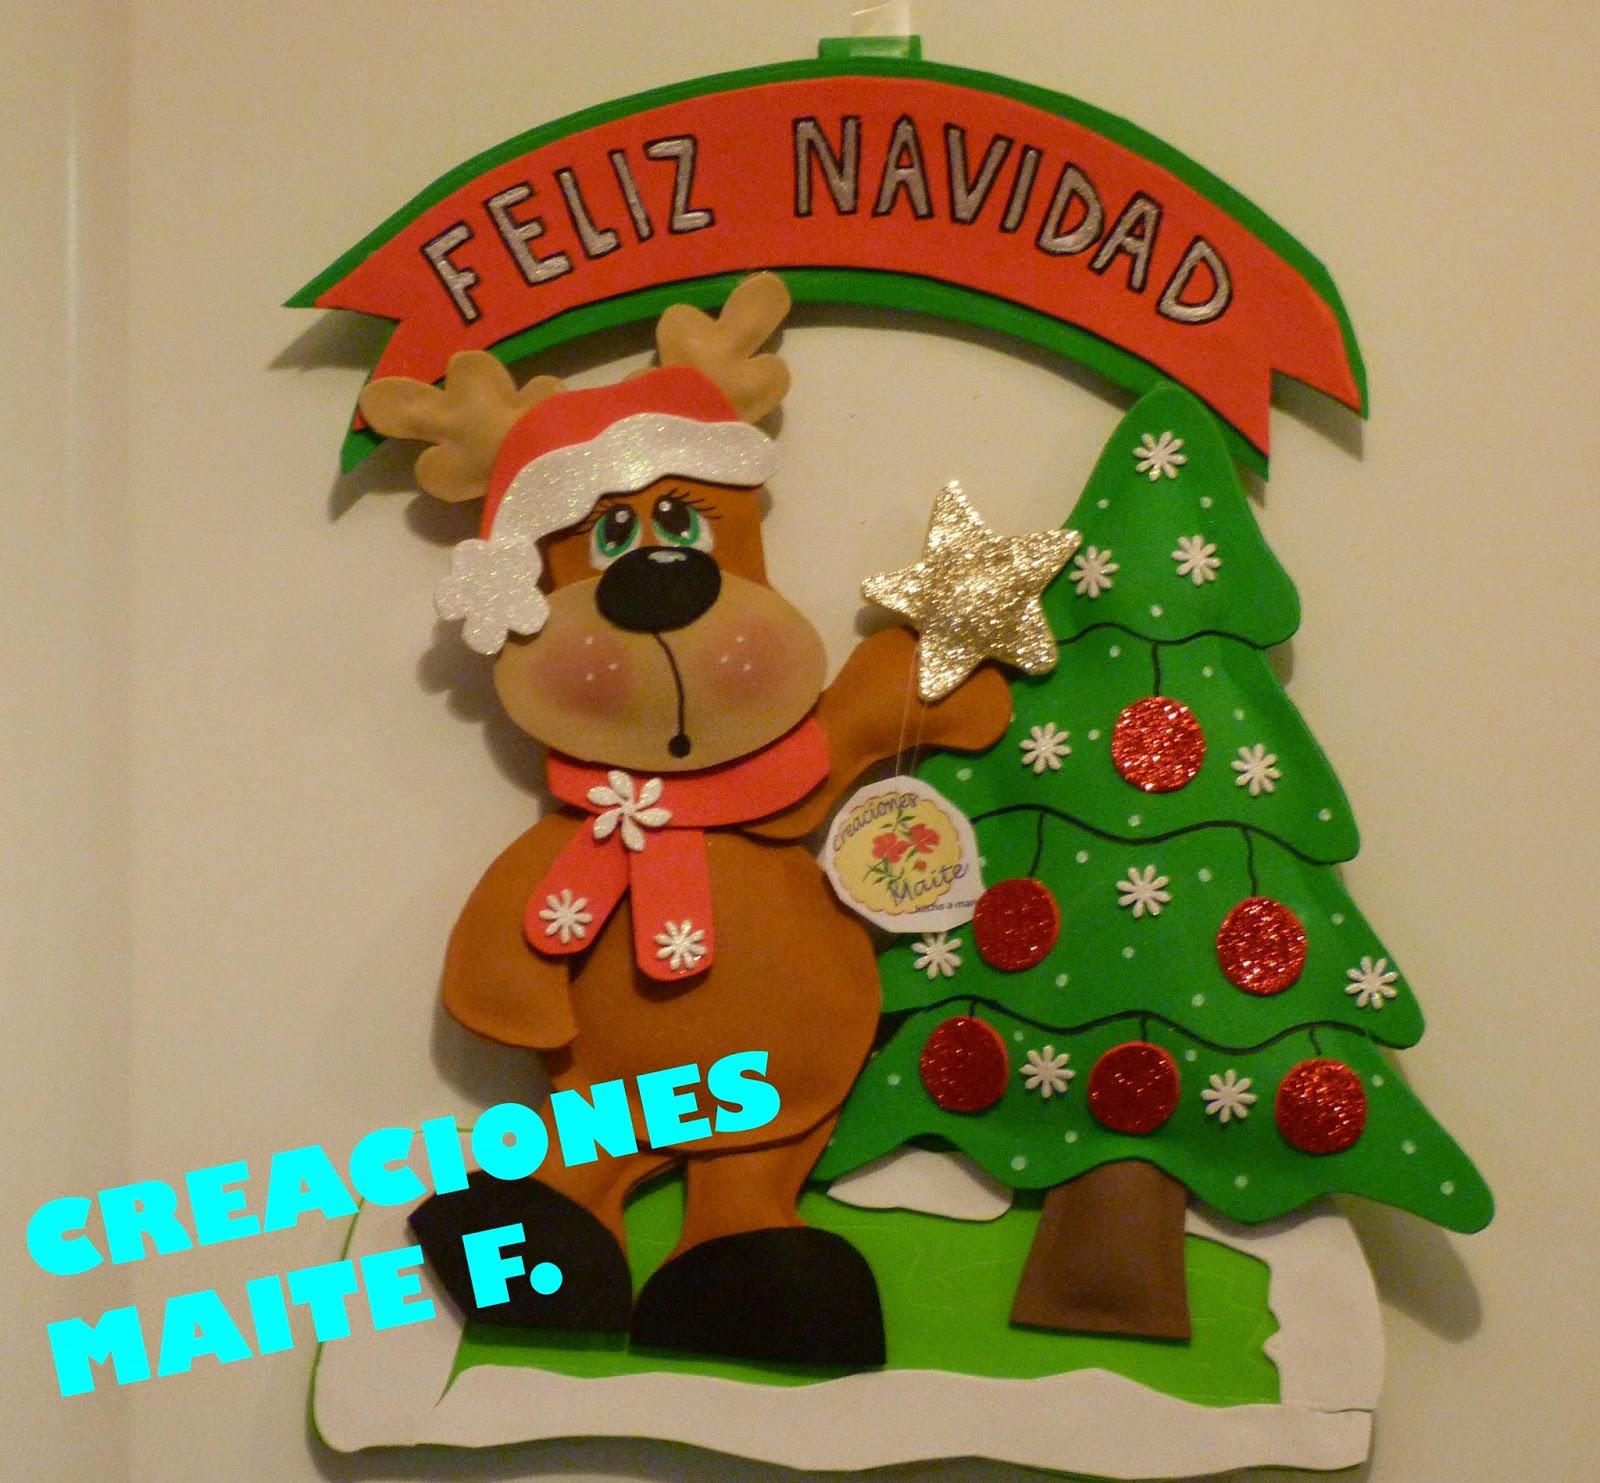 Fofuchas manualidades y creaciones maite cartel navidad - Decoracion navidad goma eva ...